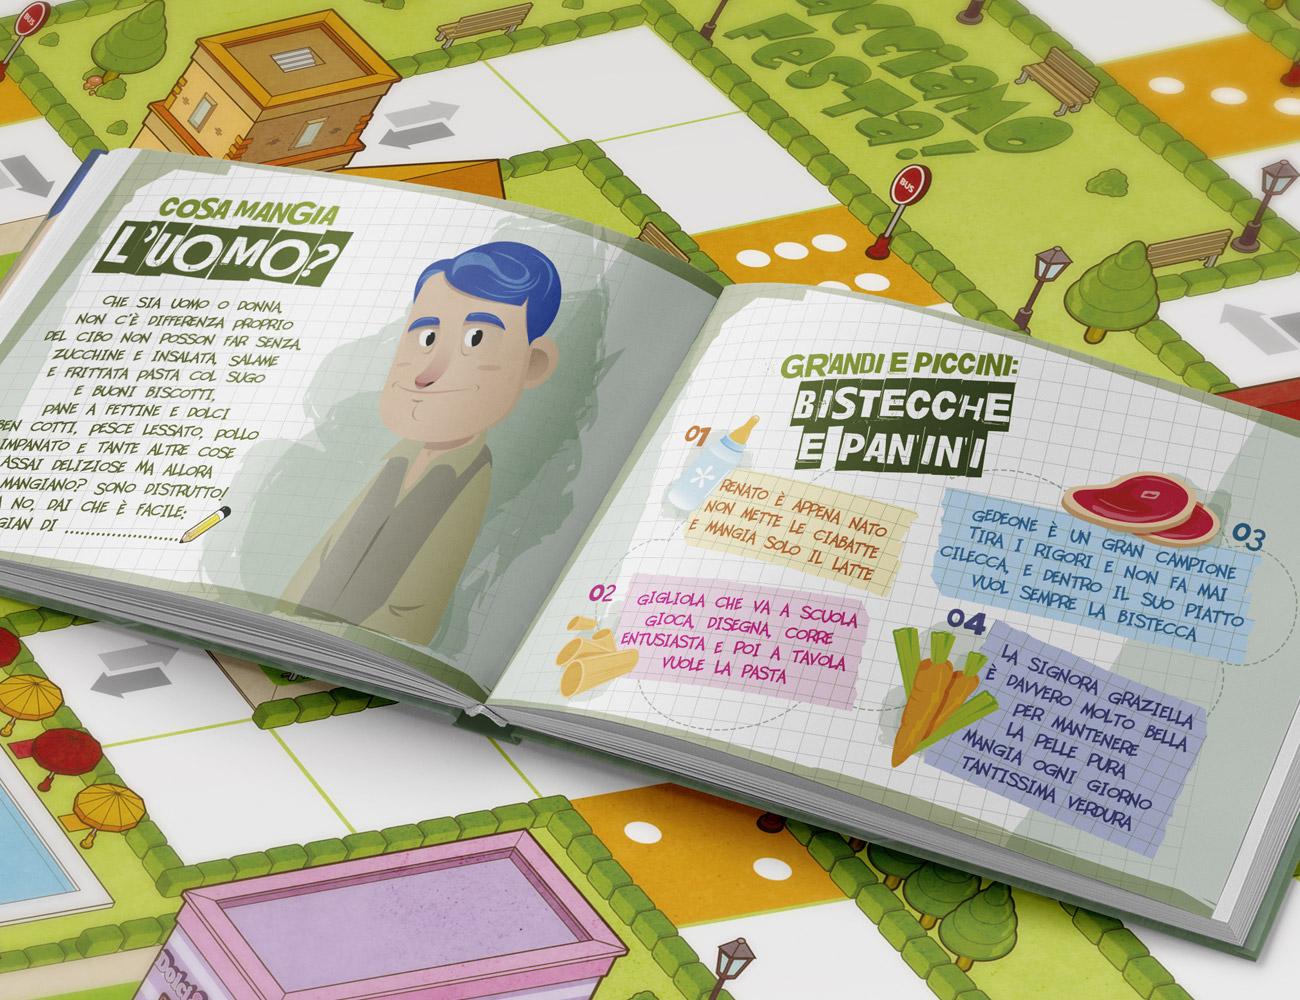 aic-celiachia-gioco-illustrazioni-simone-roveda-libri-bambini-intolleranze-alimentari-digit81-piacenza-2